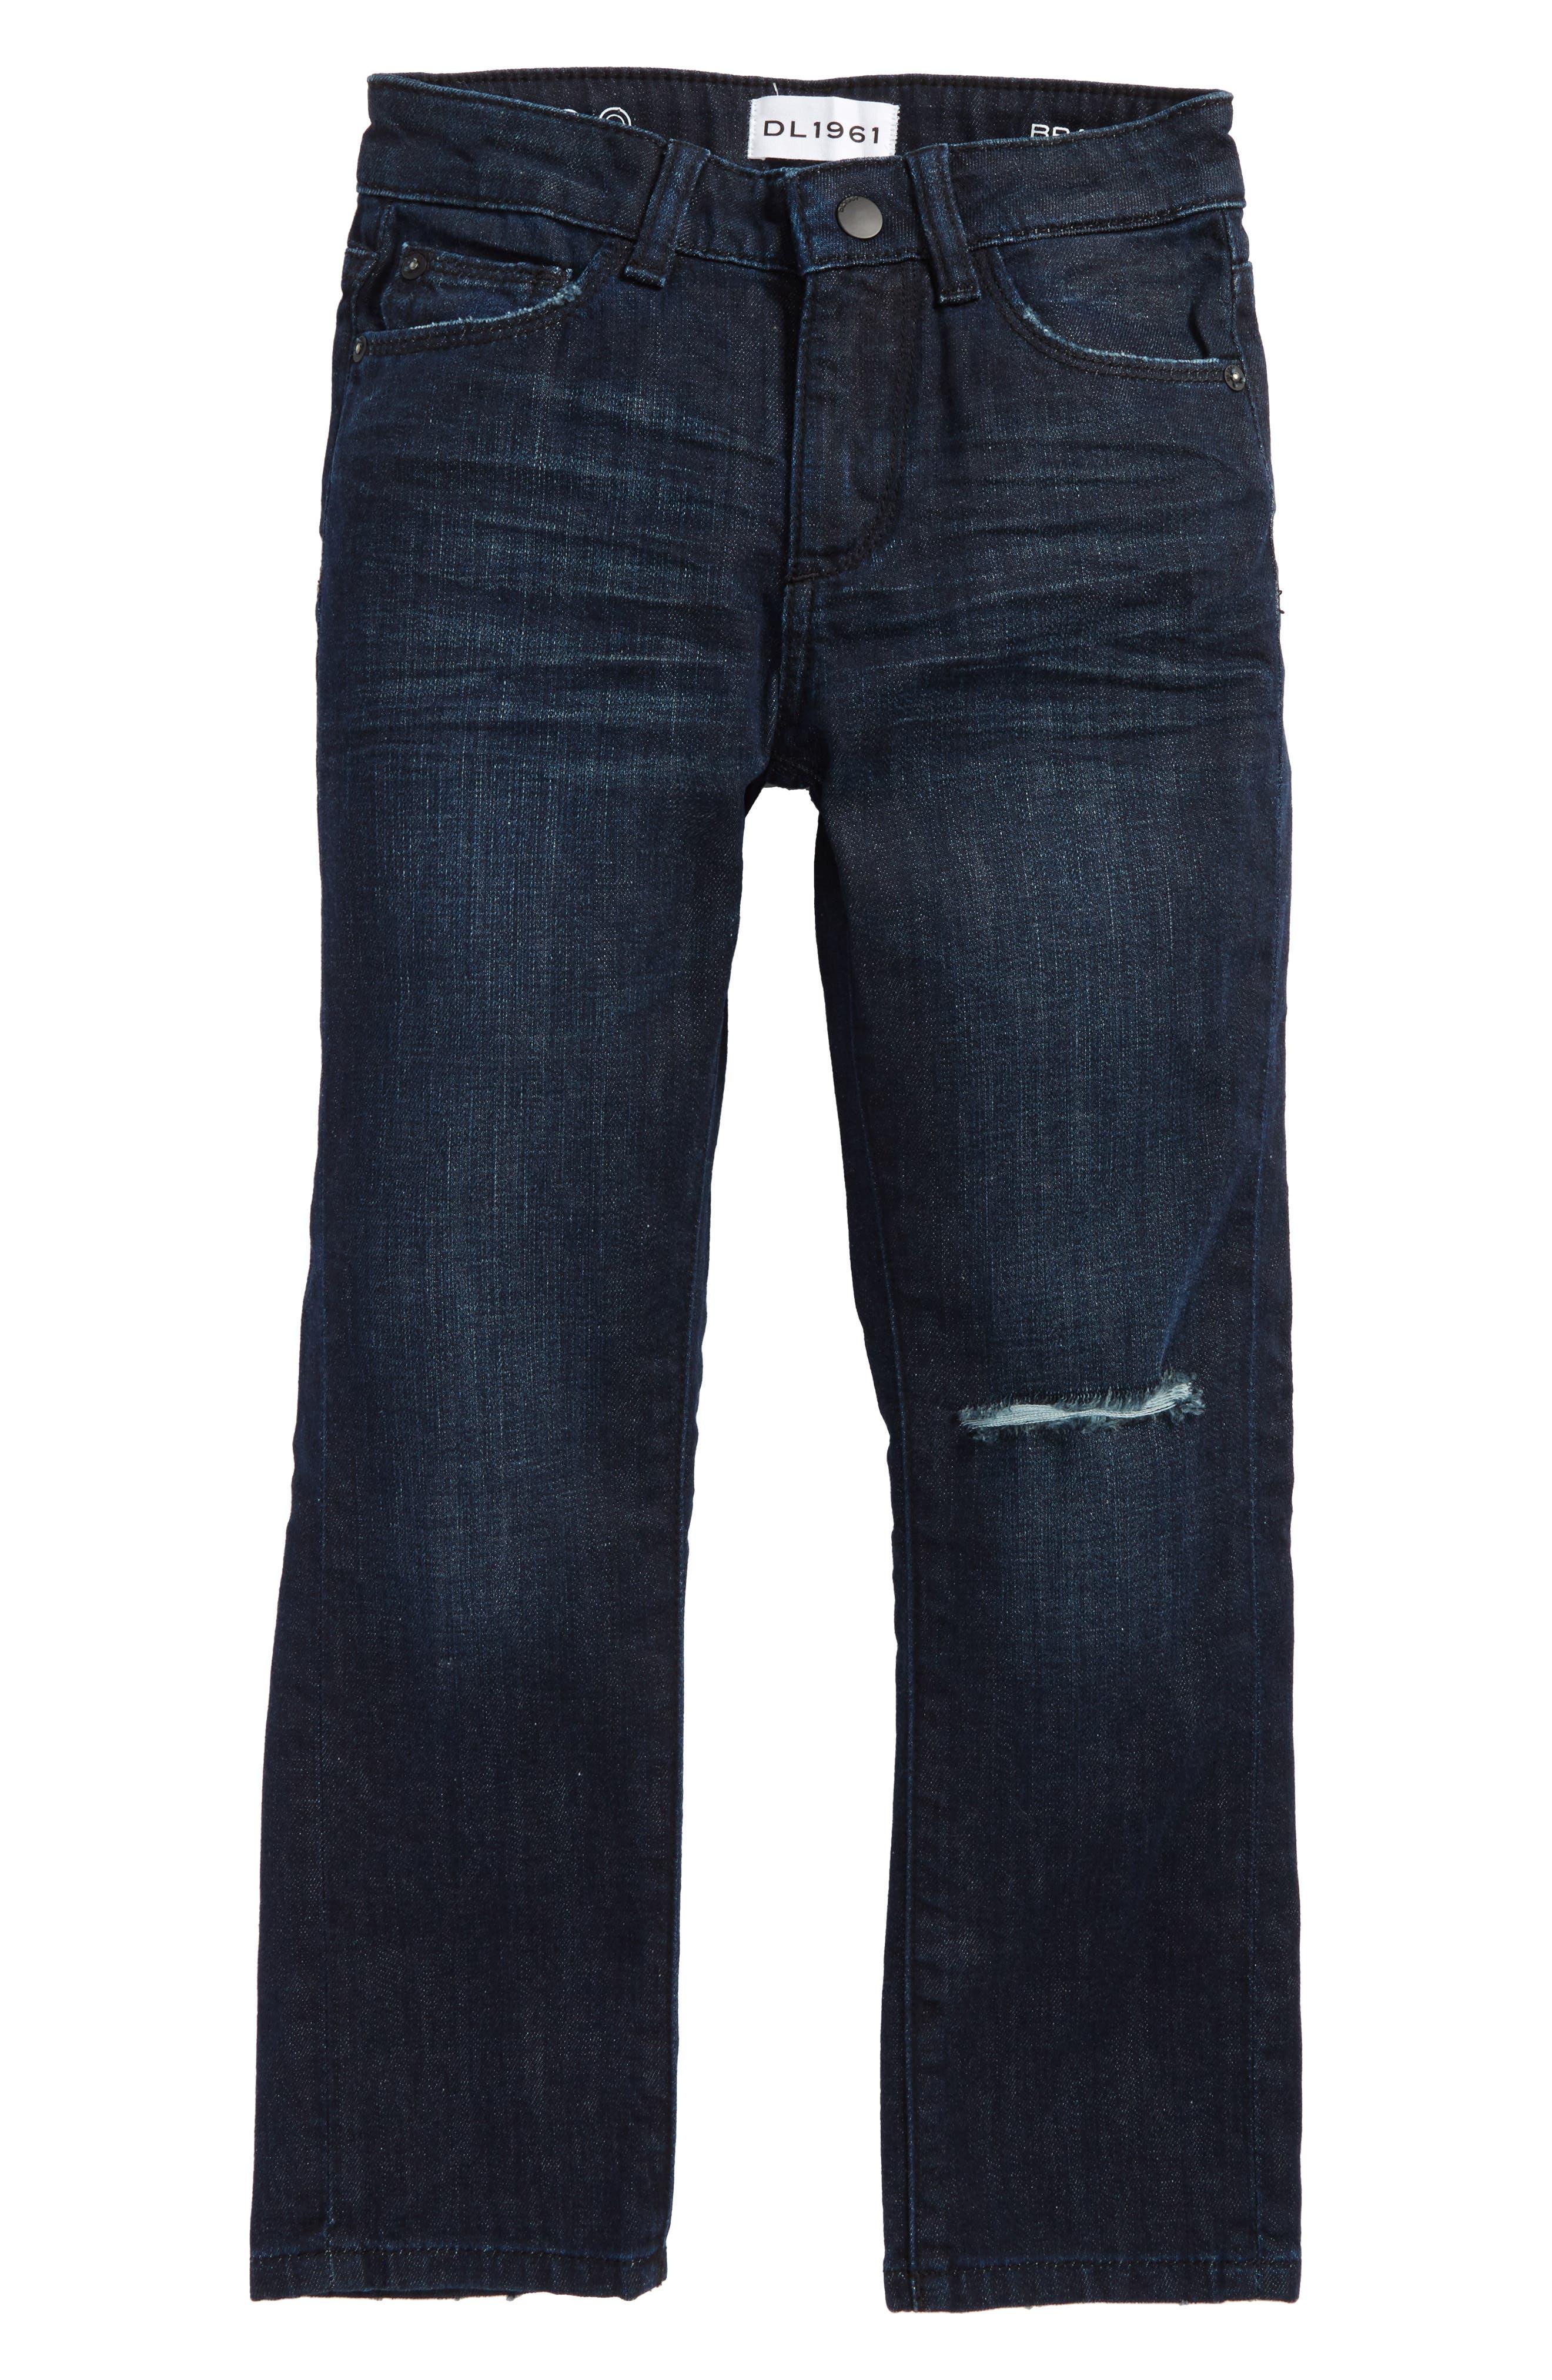 DL 1961 Brady Slim Fit Jeans,                             Main thumbnail 1, color,                             405